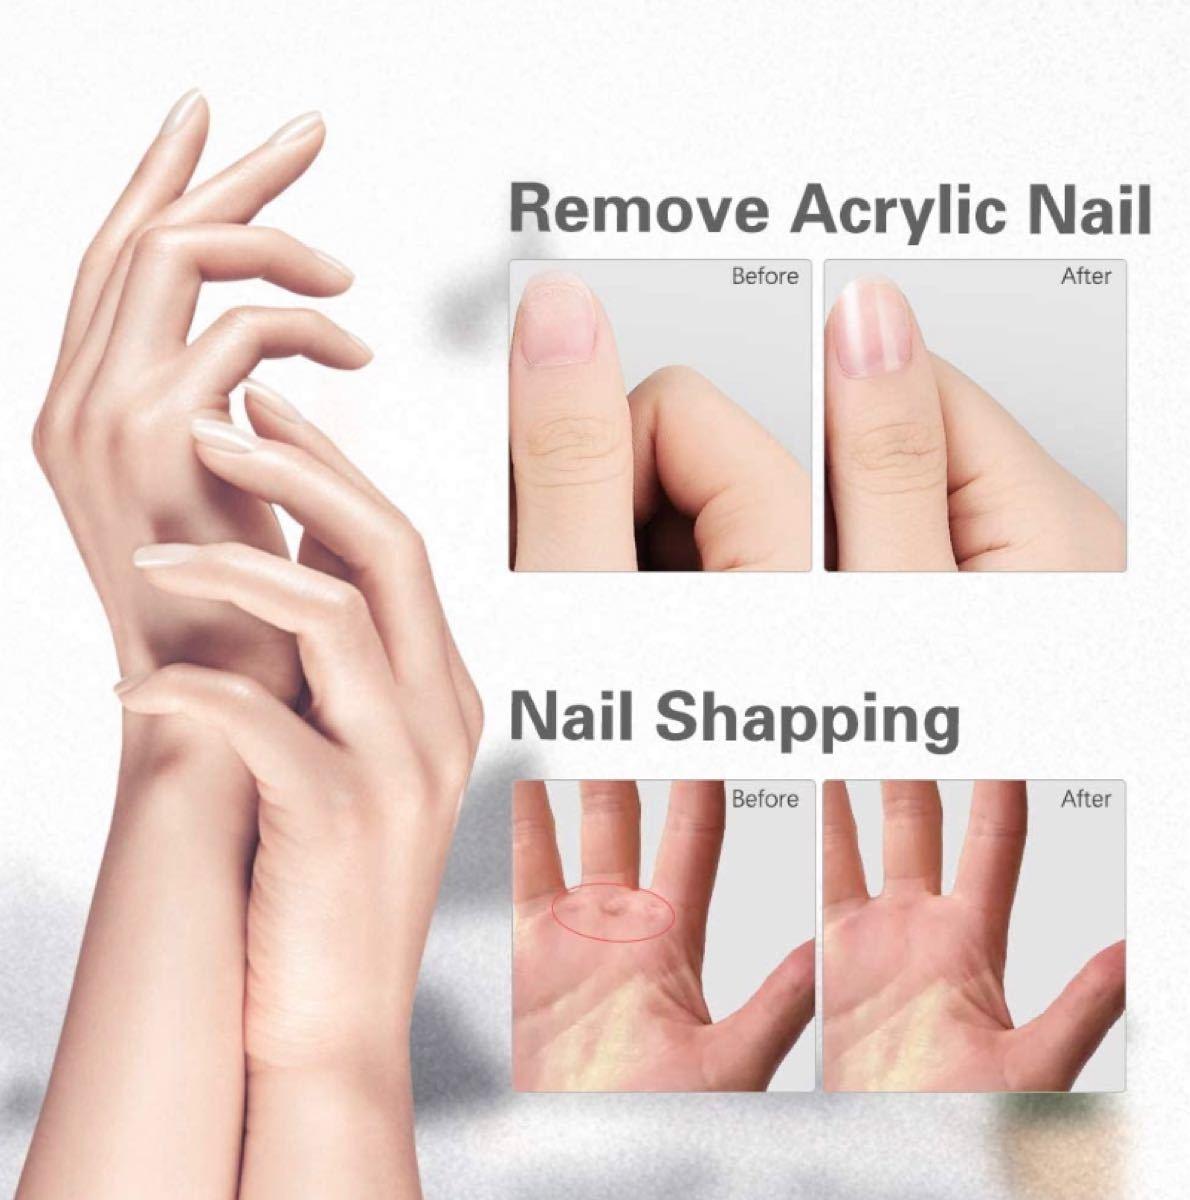 電動ネイルケア 電動爪やすり ネイルドリル 5点セット LEDライト 角質除去 甘皮処理 爪やすり 電動爪磨き